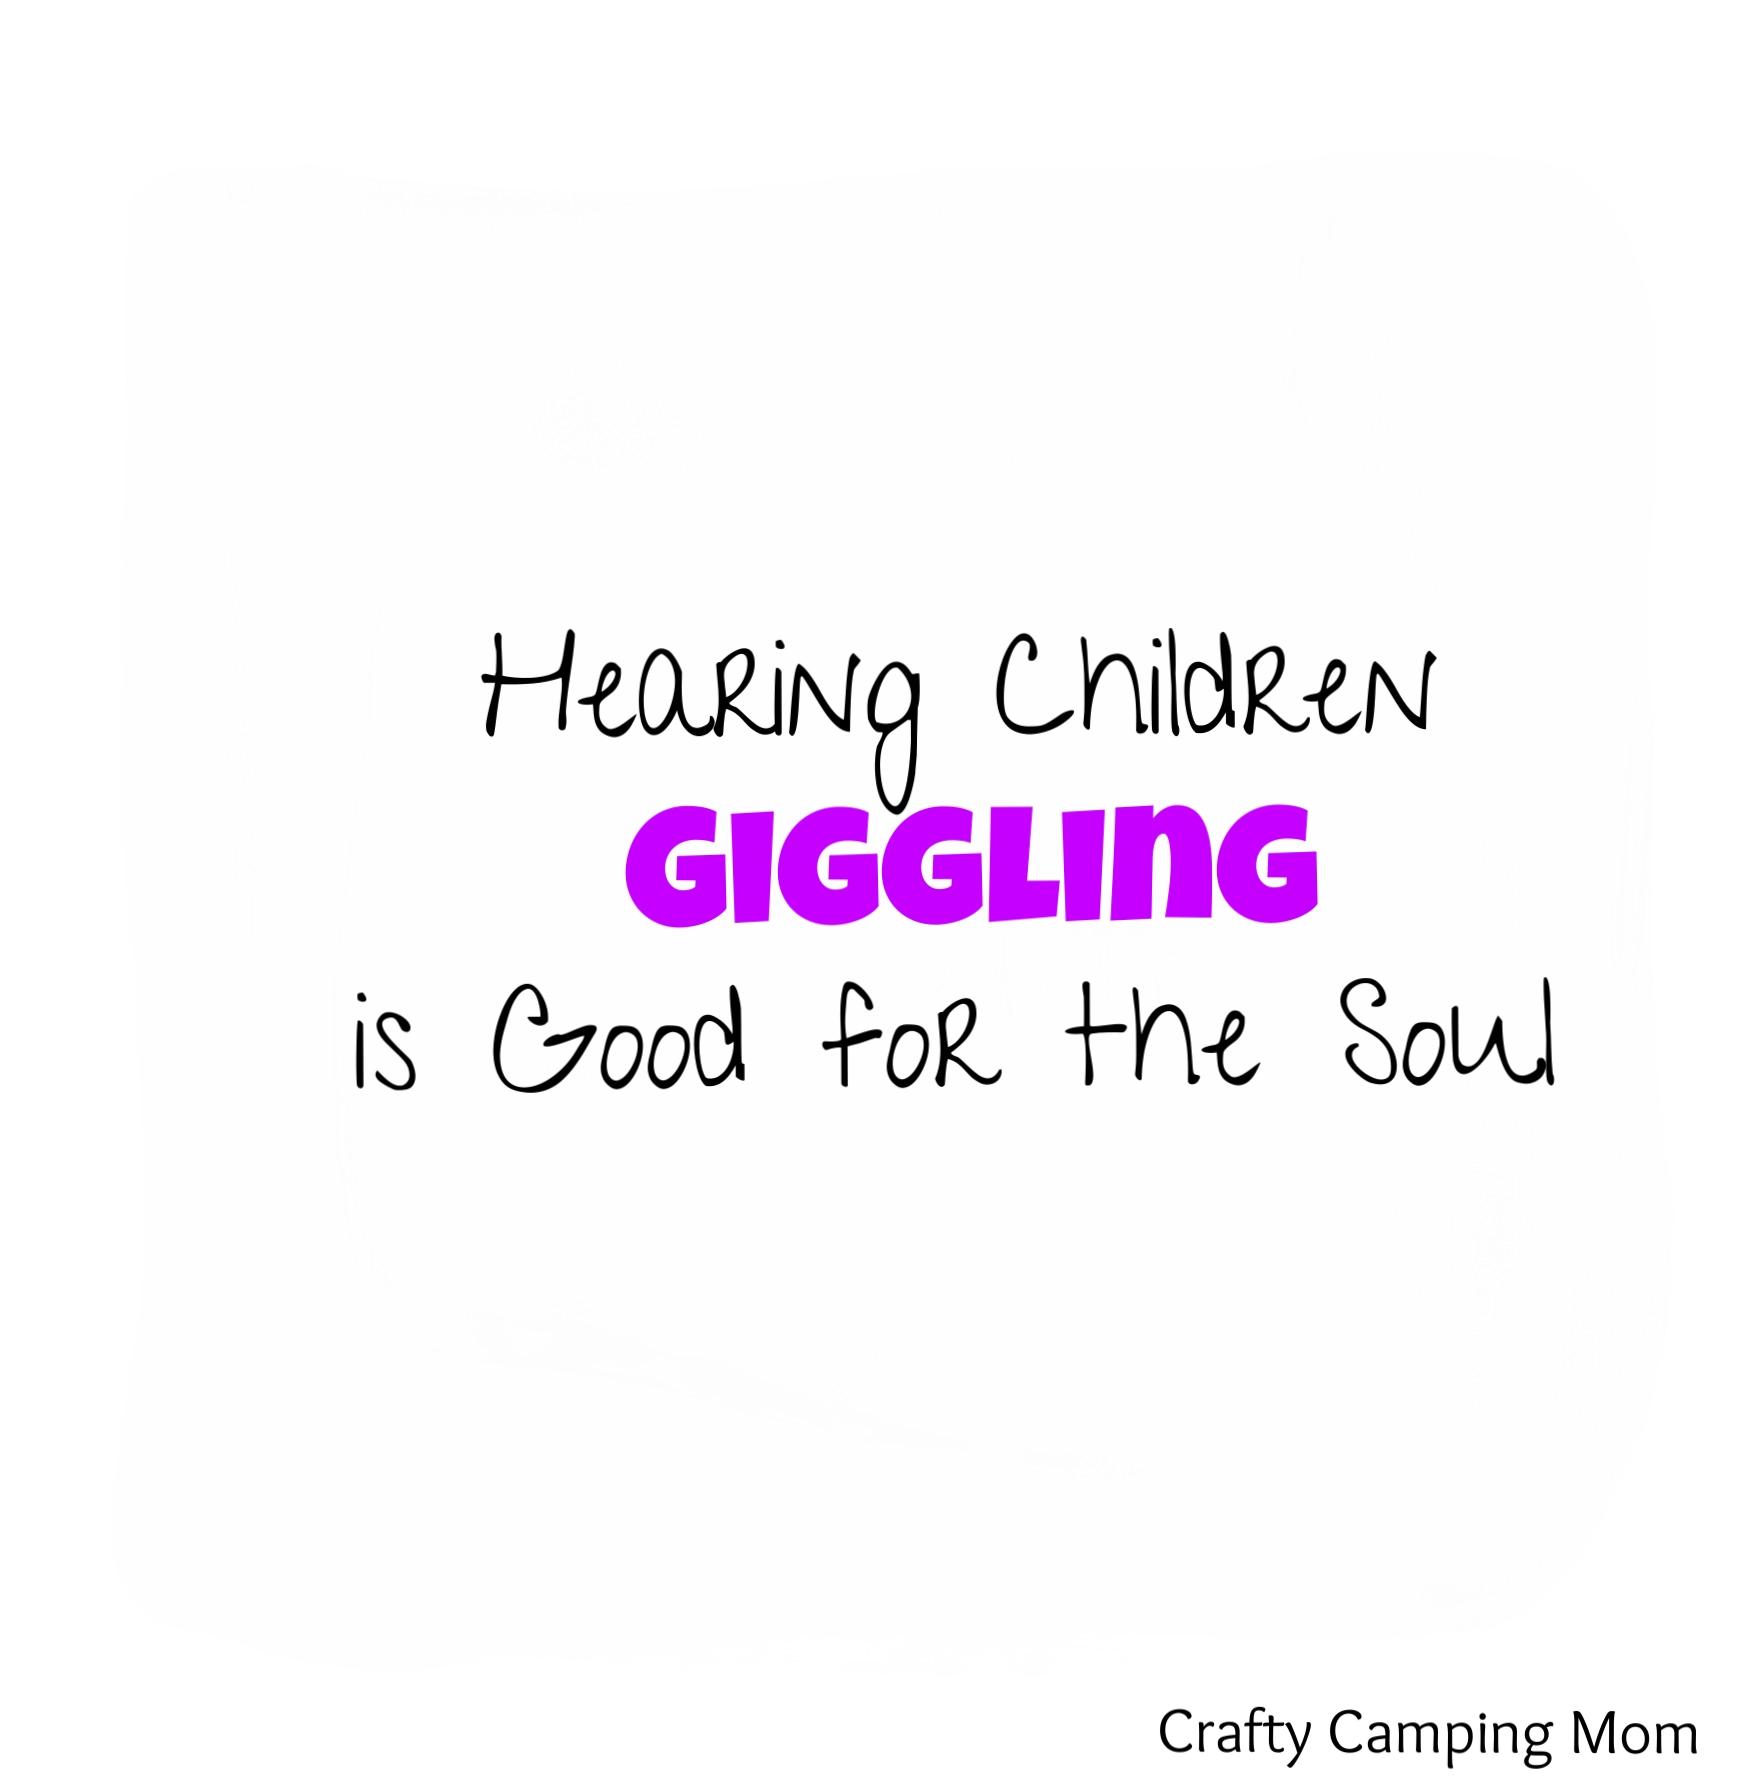 HearingChildrenGiggling